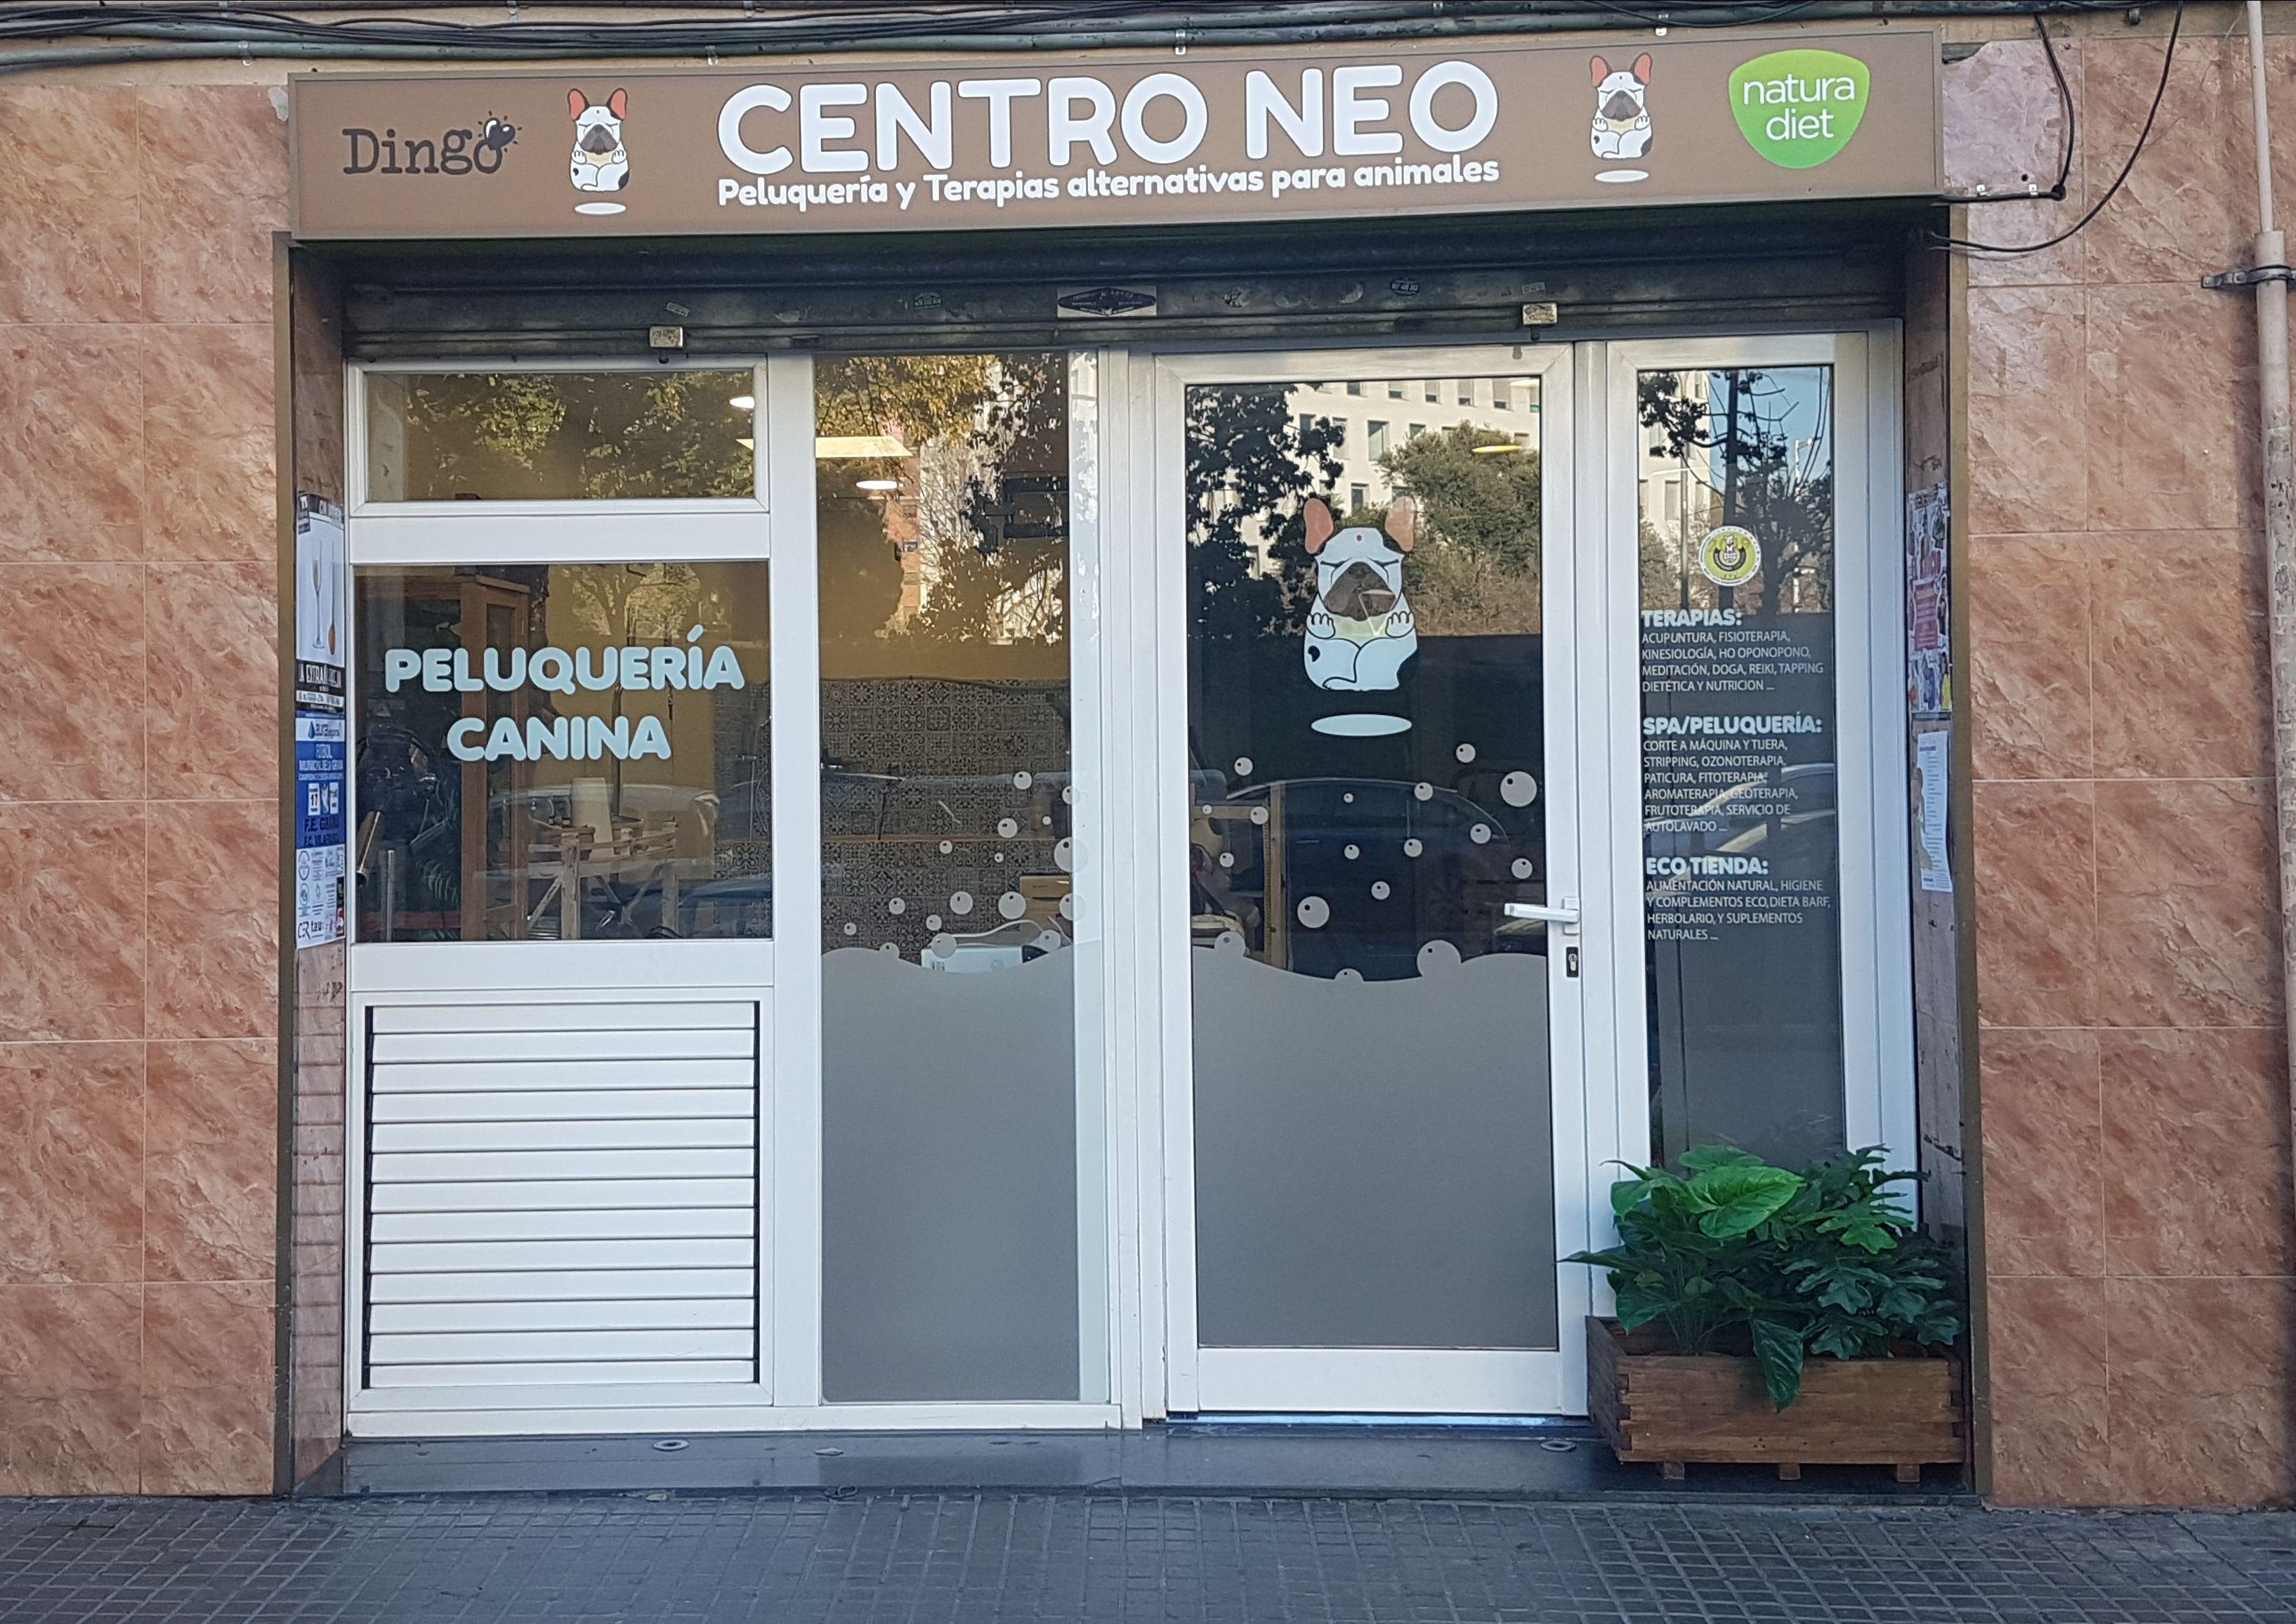 Foto 2 de Peluquerías caninas en  | Centro Neo